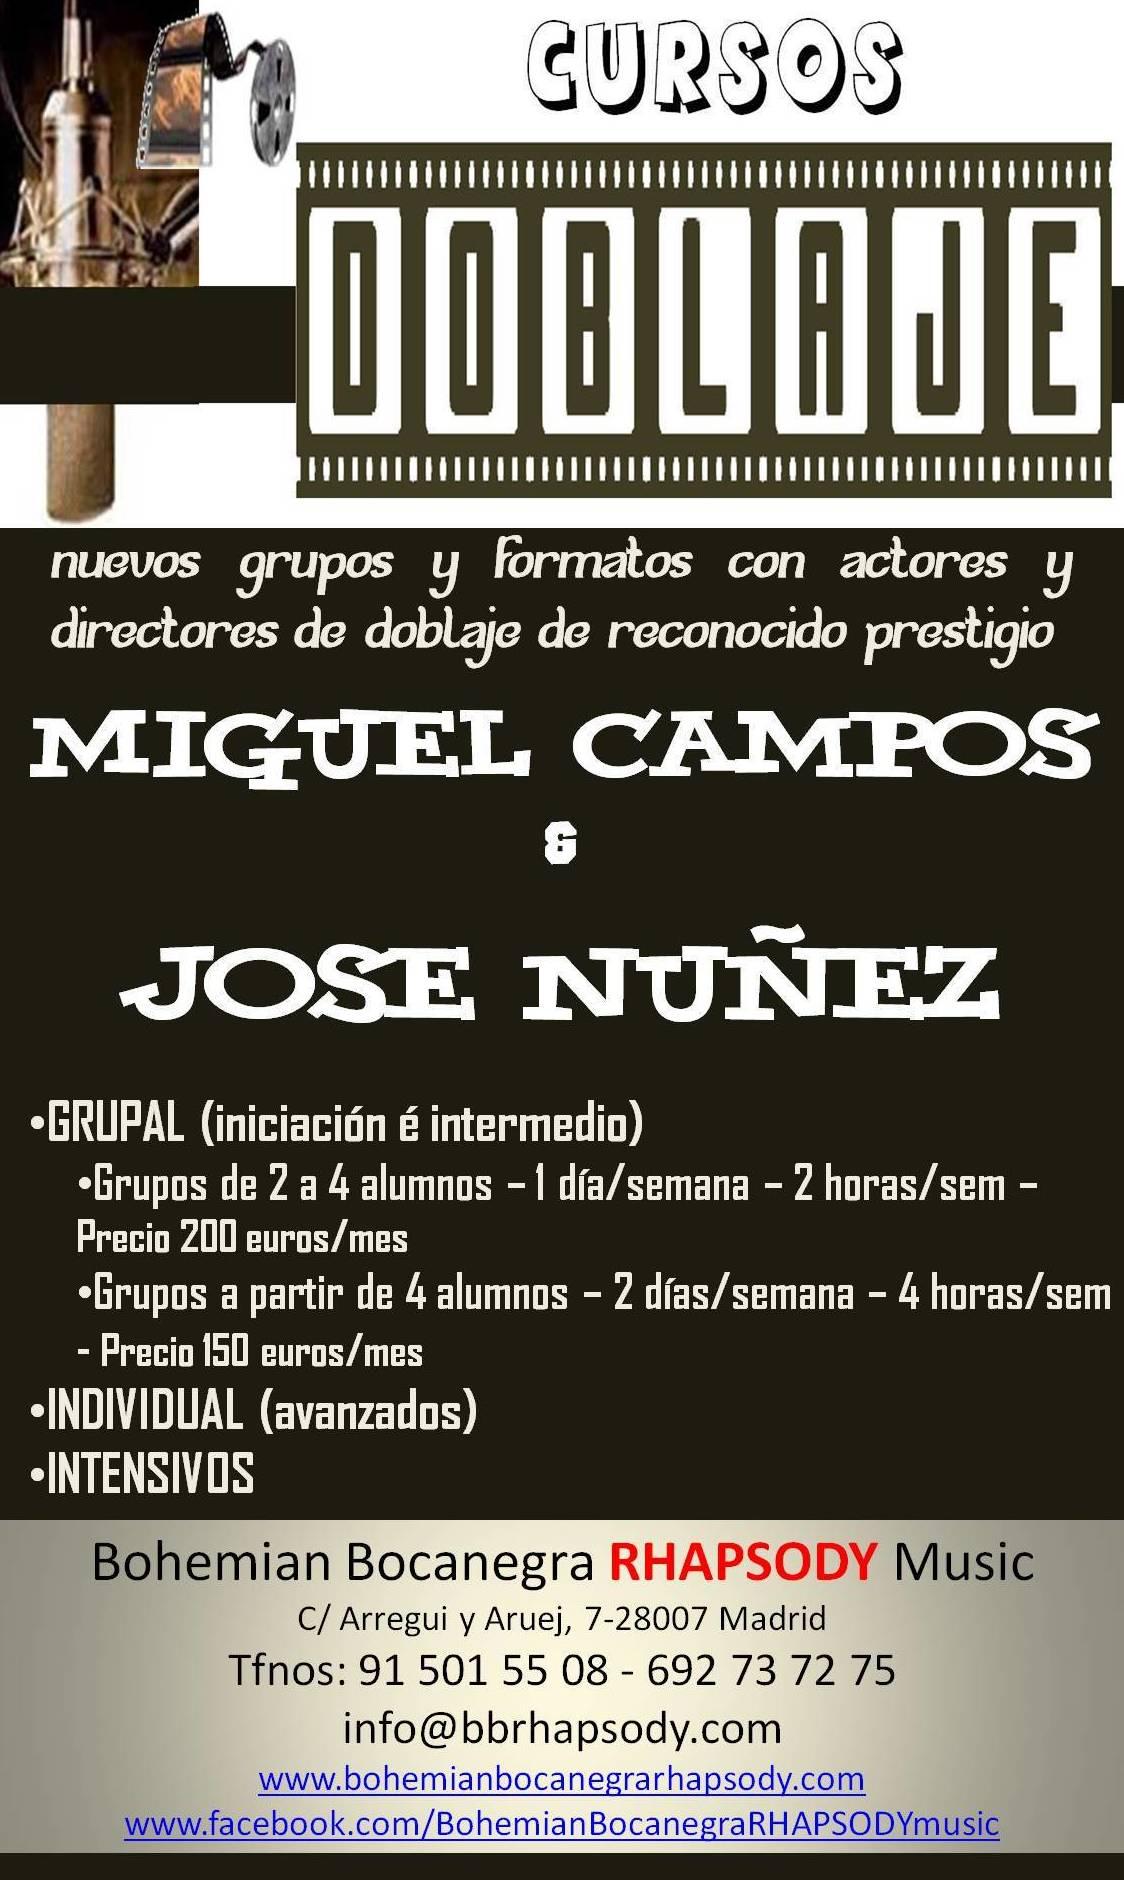 CURSOS DE  DOBLAJE con MIGUEL CAMPOS y JOSÉ NUÑEZ - PROFESORES de RECONOCIDO PRESTIGIO como actores y directores de Doblaje.